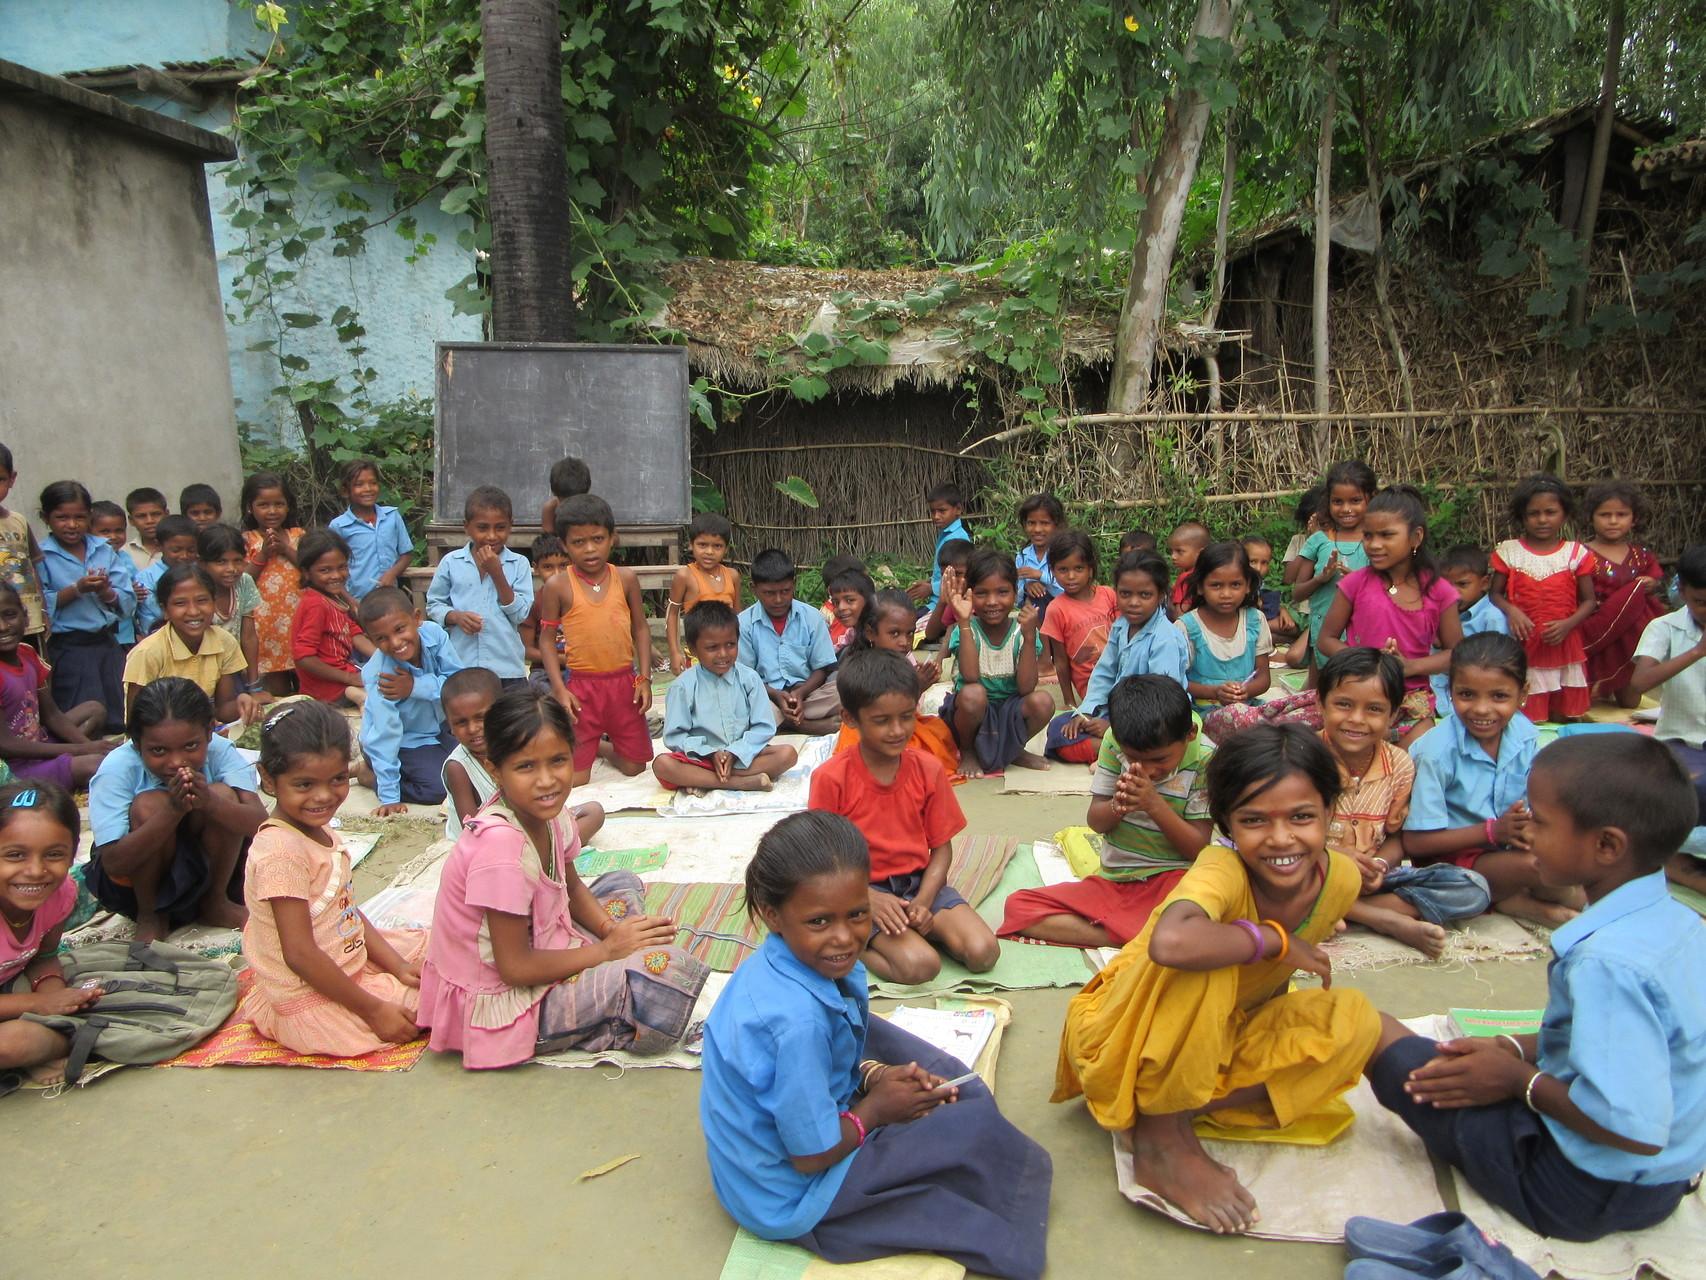 In der Schule gibt es nicht genügend Räume und Schulbänke für alle Kinder-es wird draußen auf Reissäcken sitzend unterrichtet